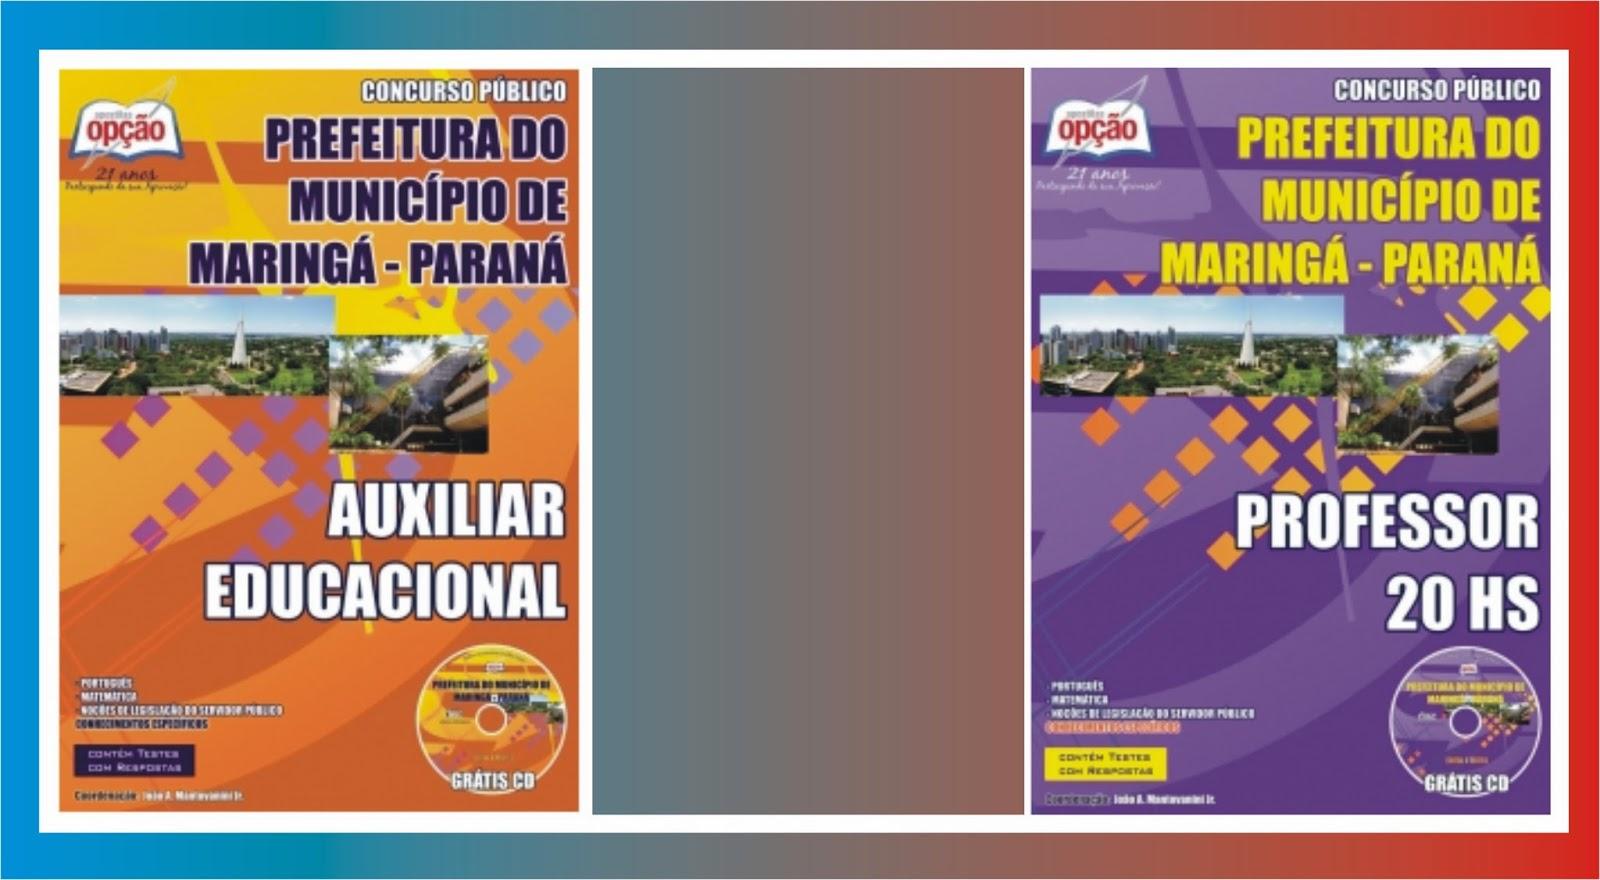 http://www.apostilasopcao.com.br/apostilas/1320/prefeitura-municipal-de-maringa-pr.php?afiliado=2561